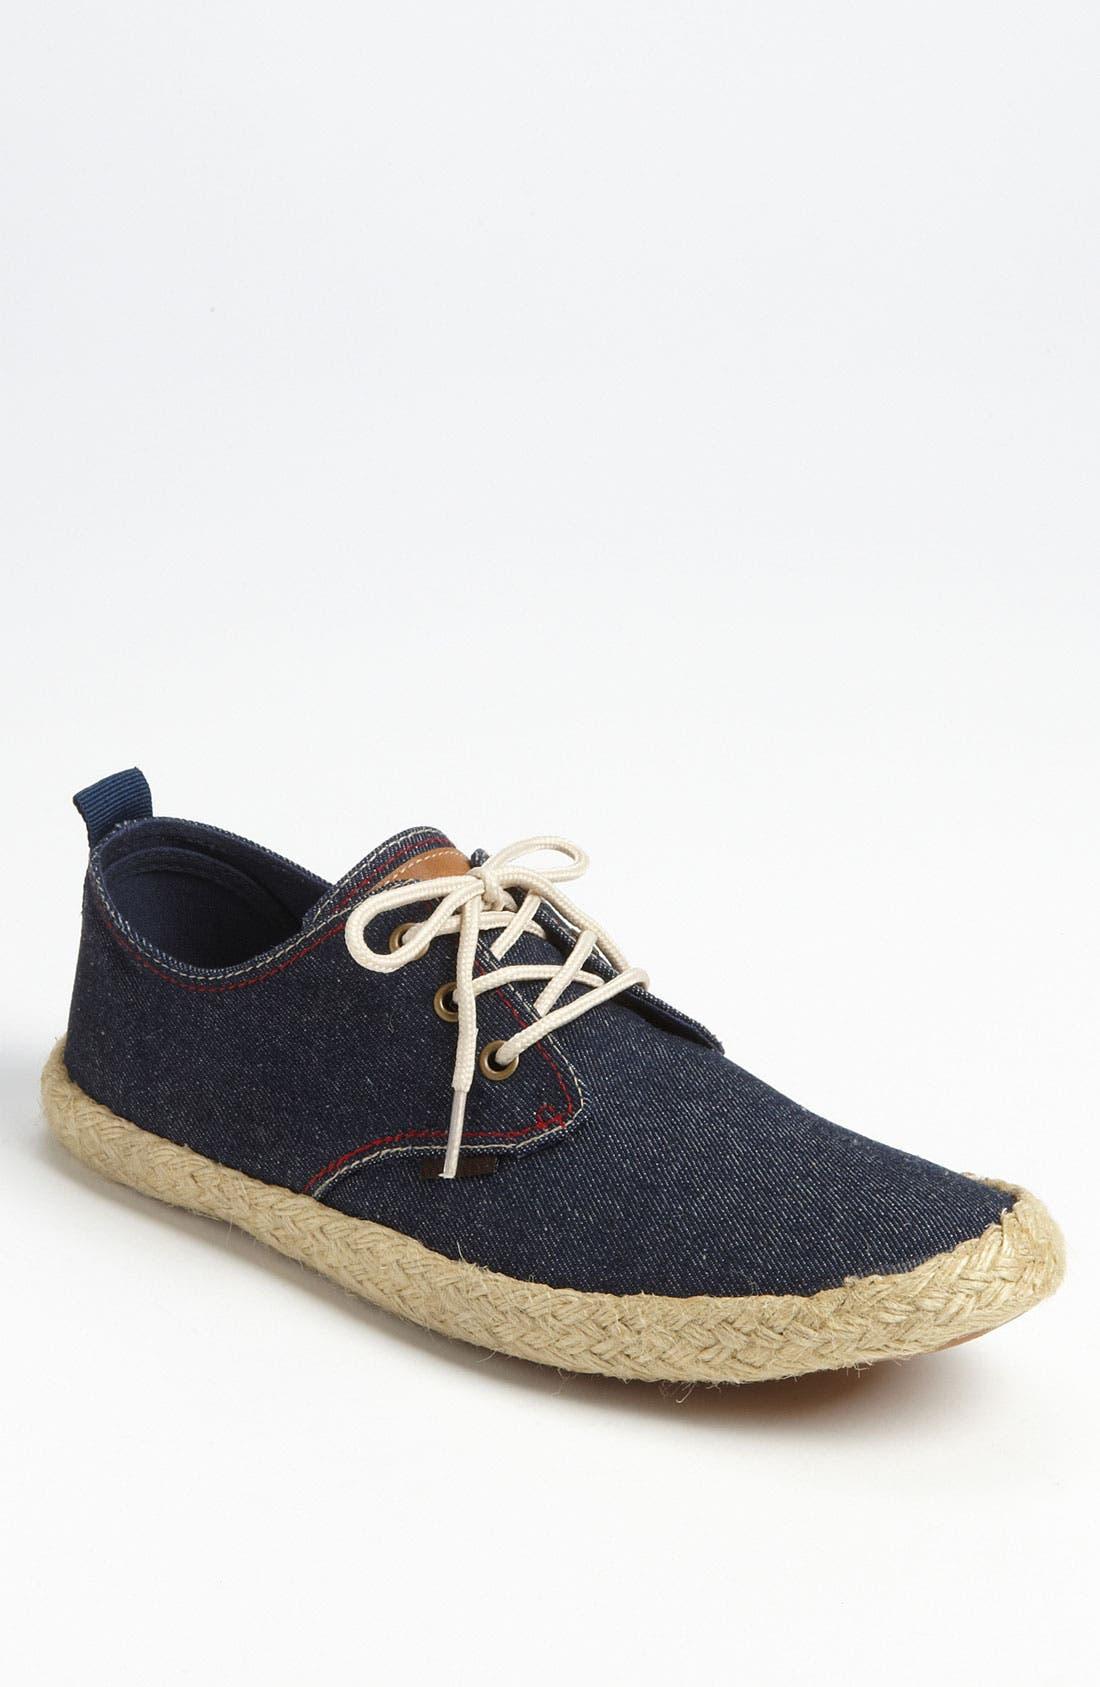 Alternate Image 1 Selected - Ben Sherman 'Pril' Sneaker